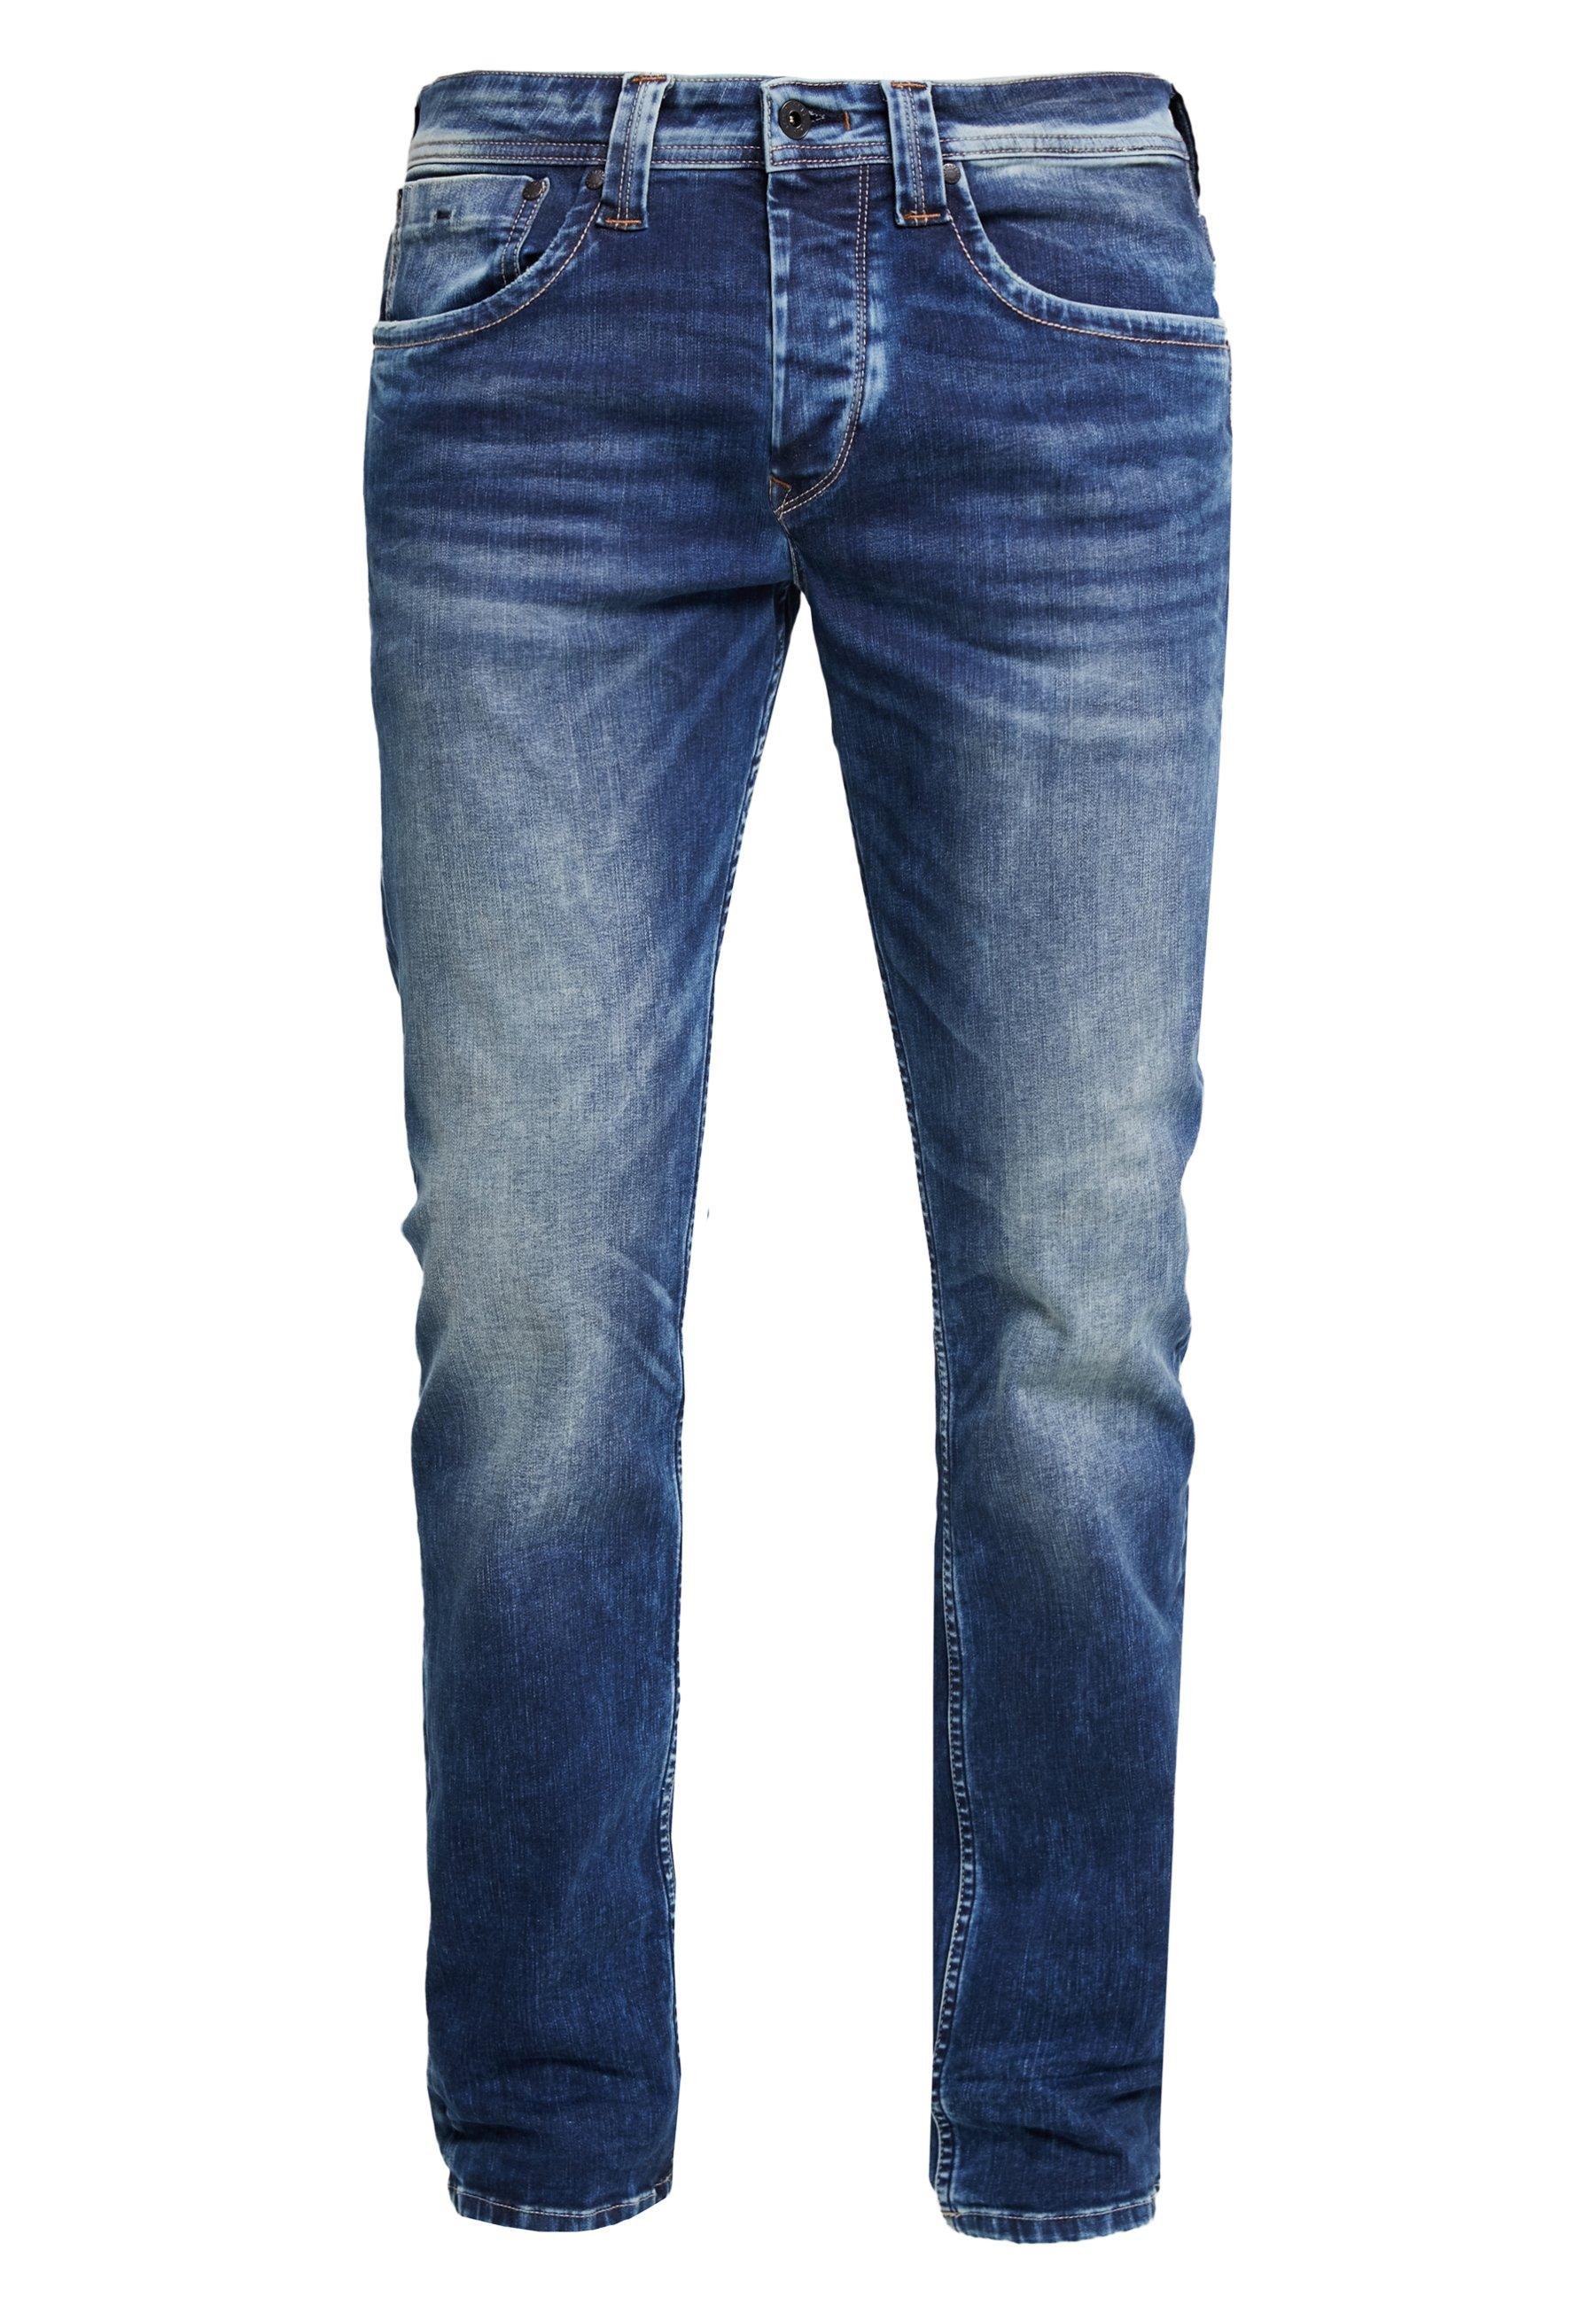 Pepe Jeans Cash - Straight Leg Medium Used Powerflex